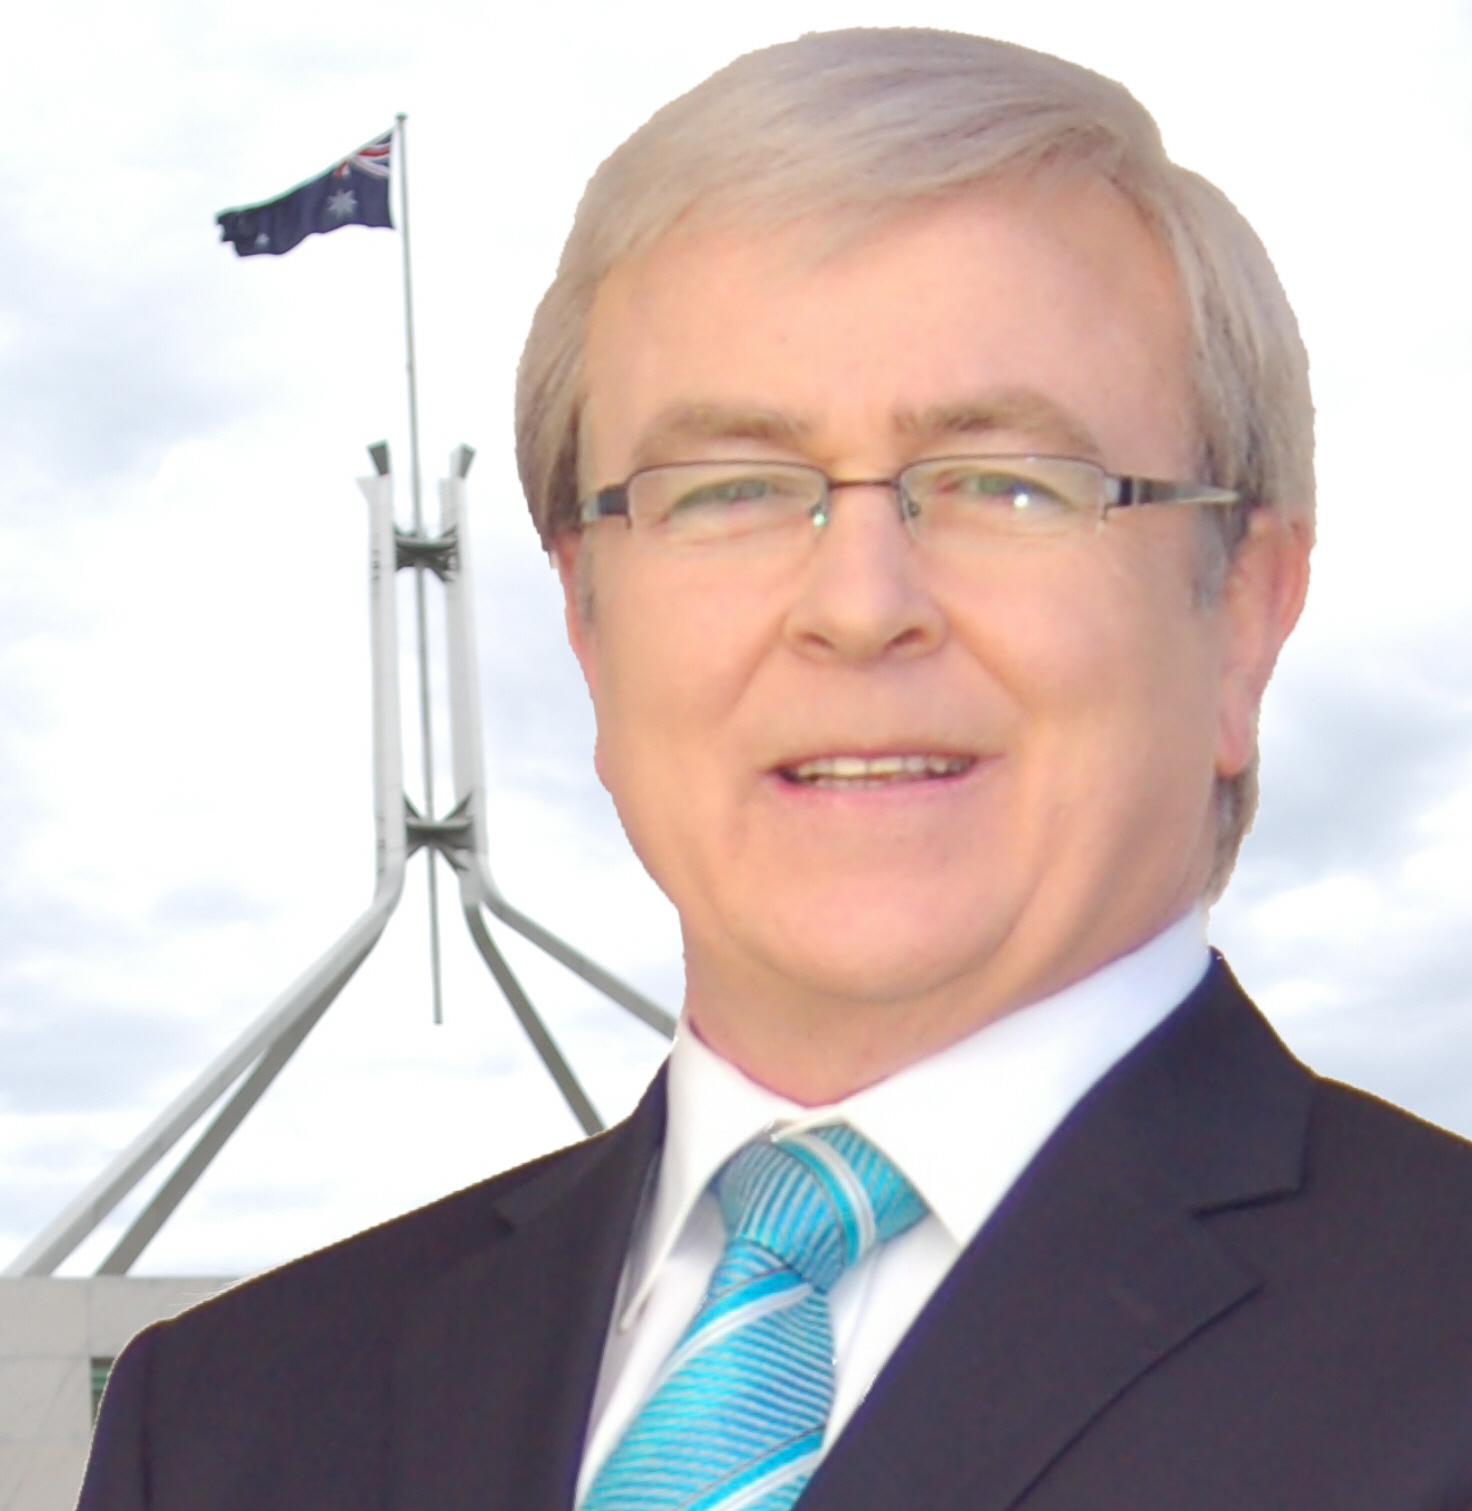 K. Rudd